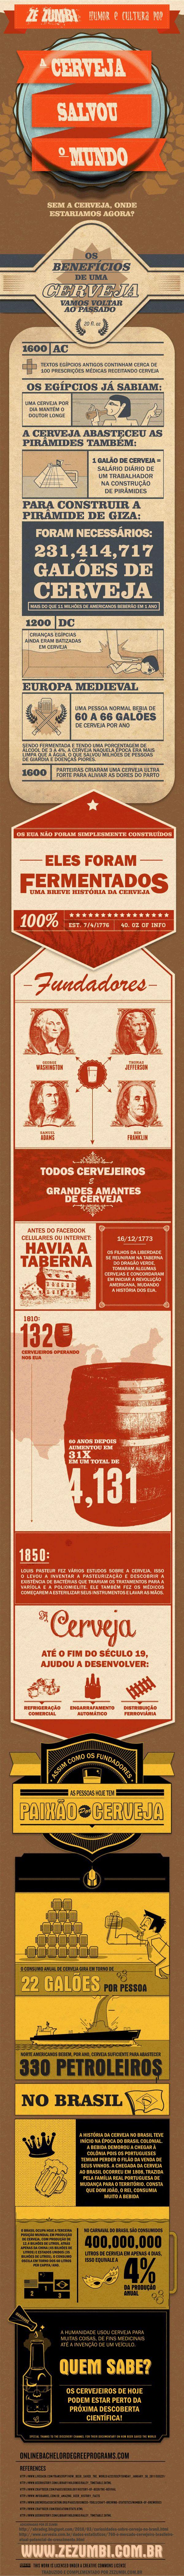 A história da cerveja [infográfico]